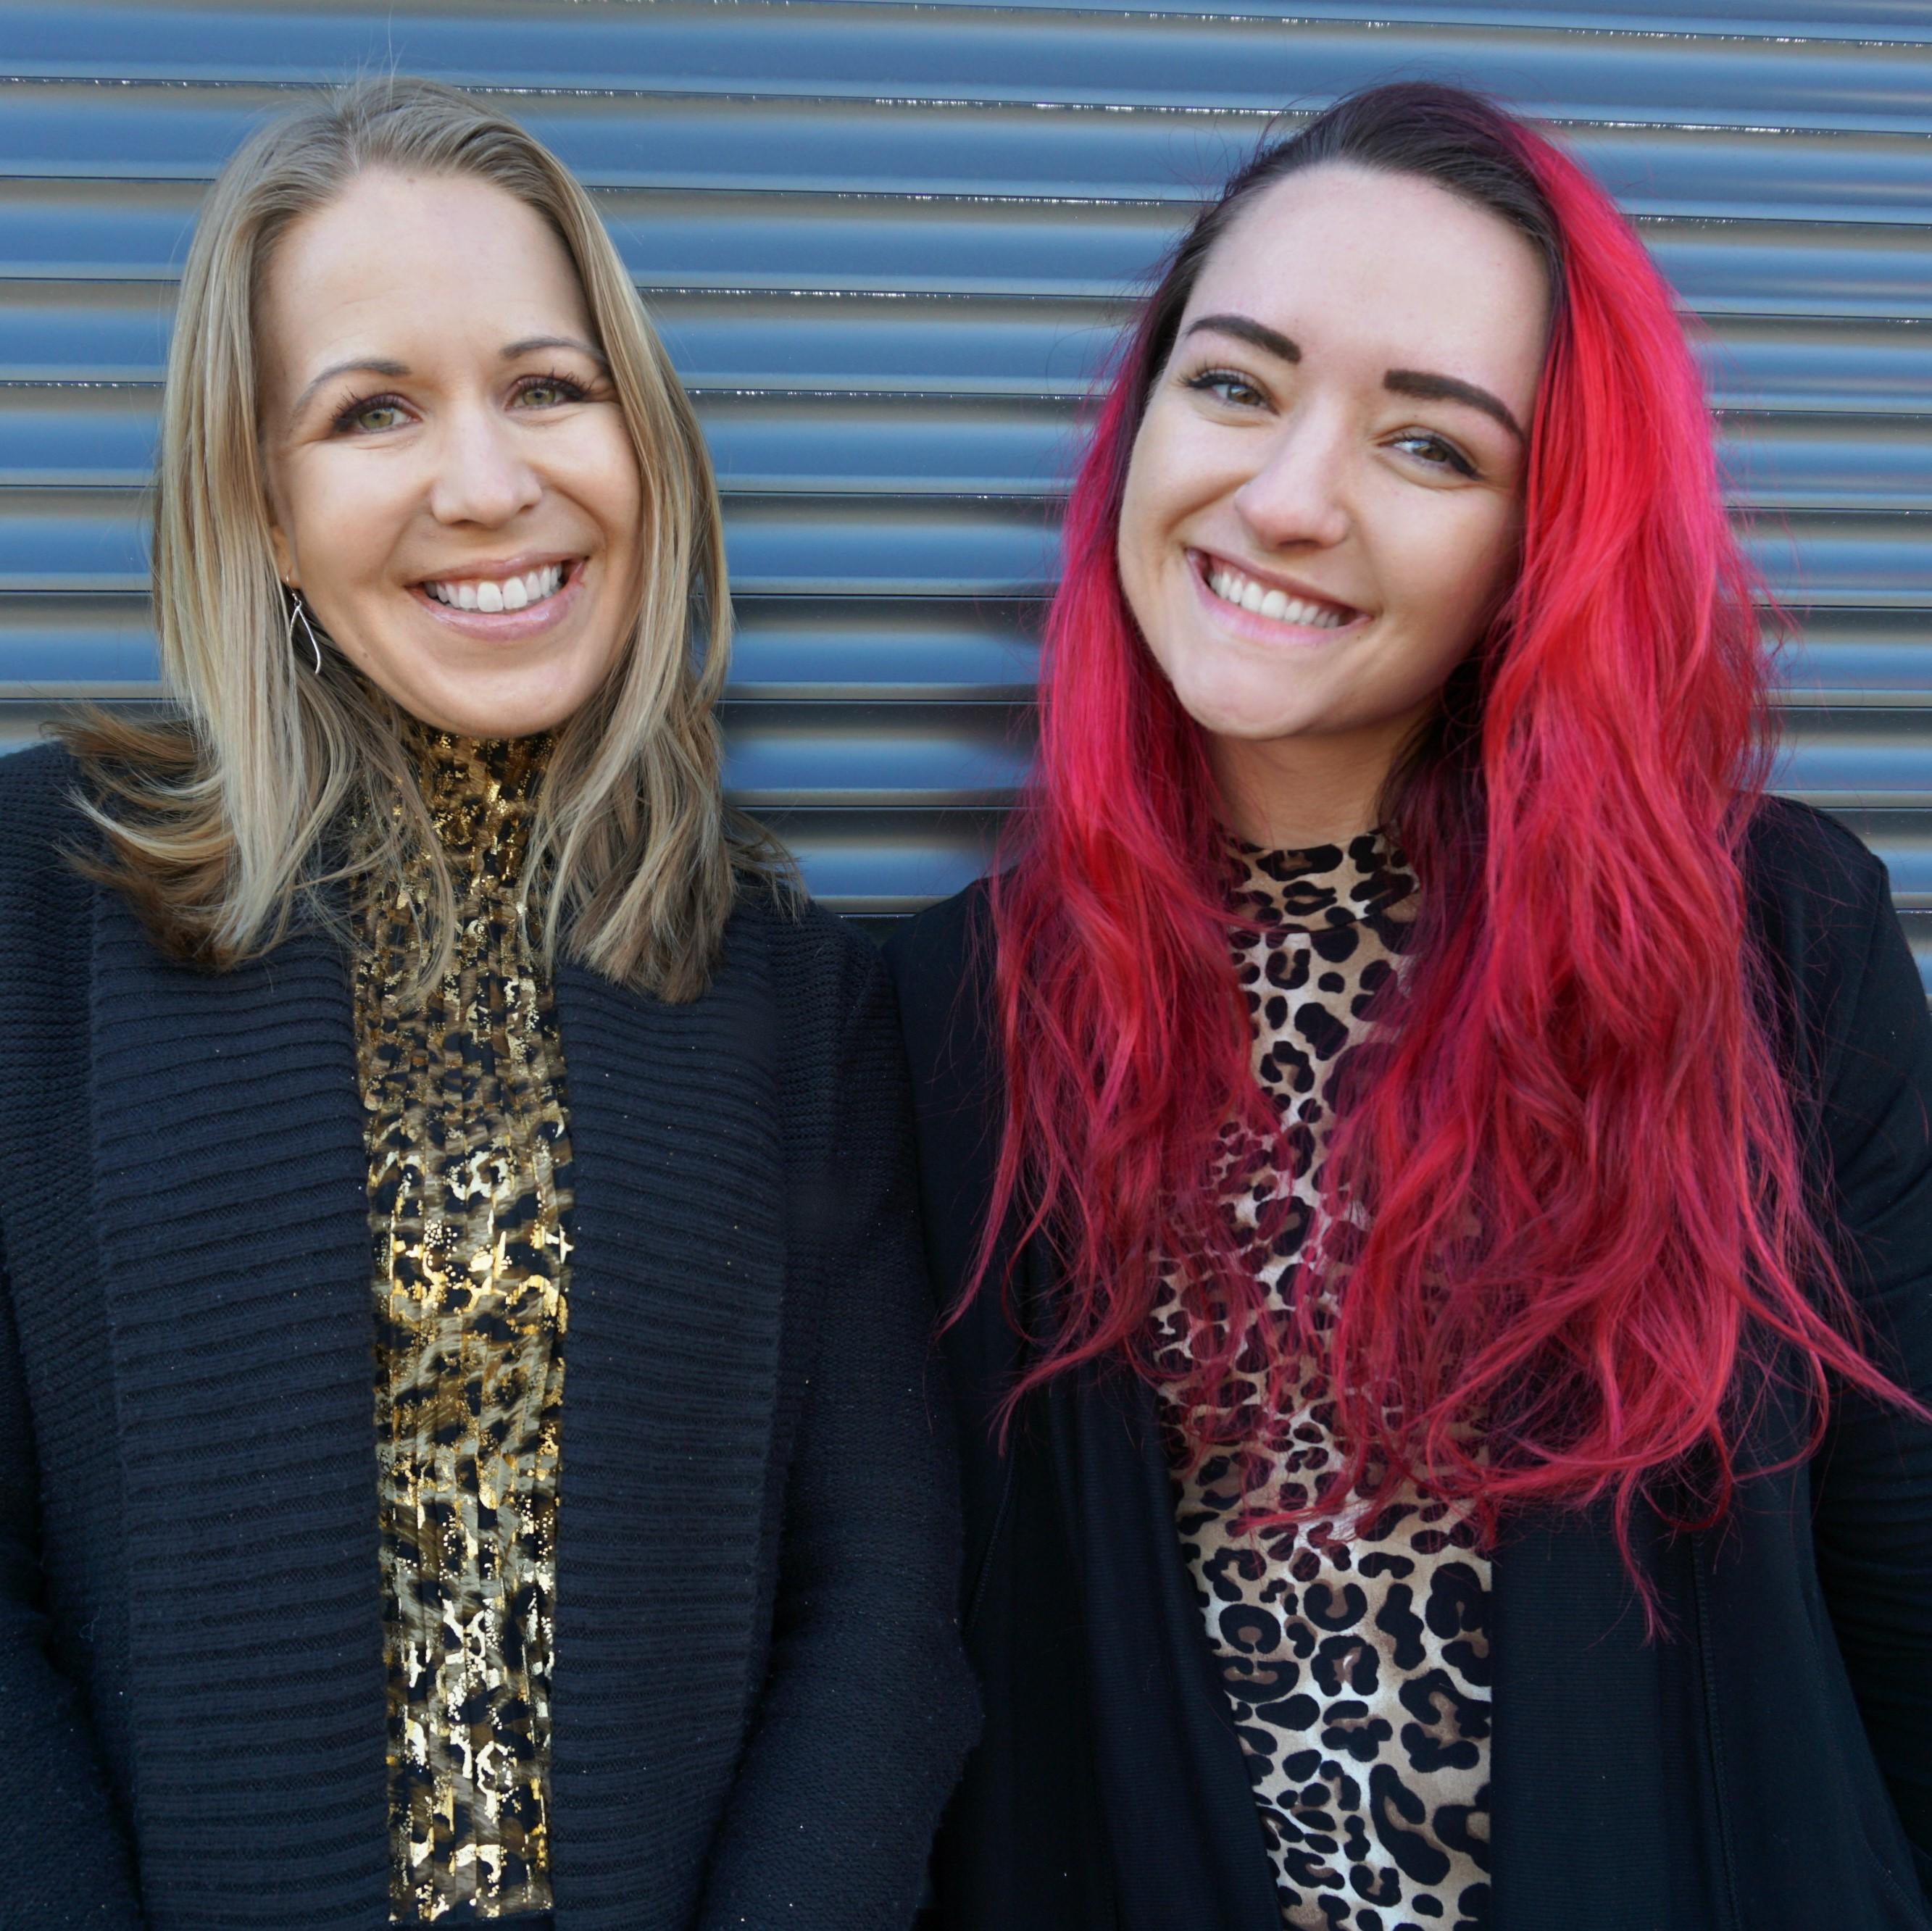 Alison Furno & Krista Fabrick